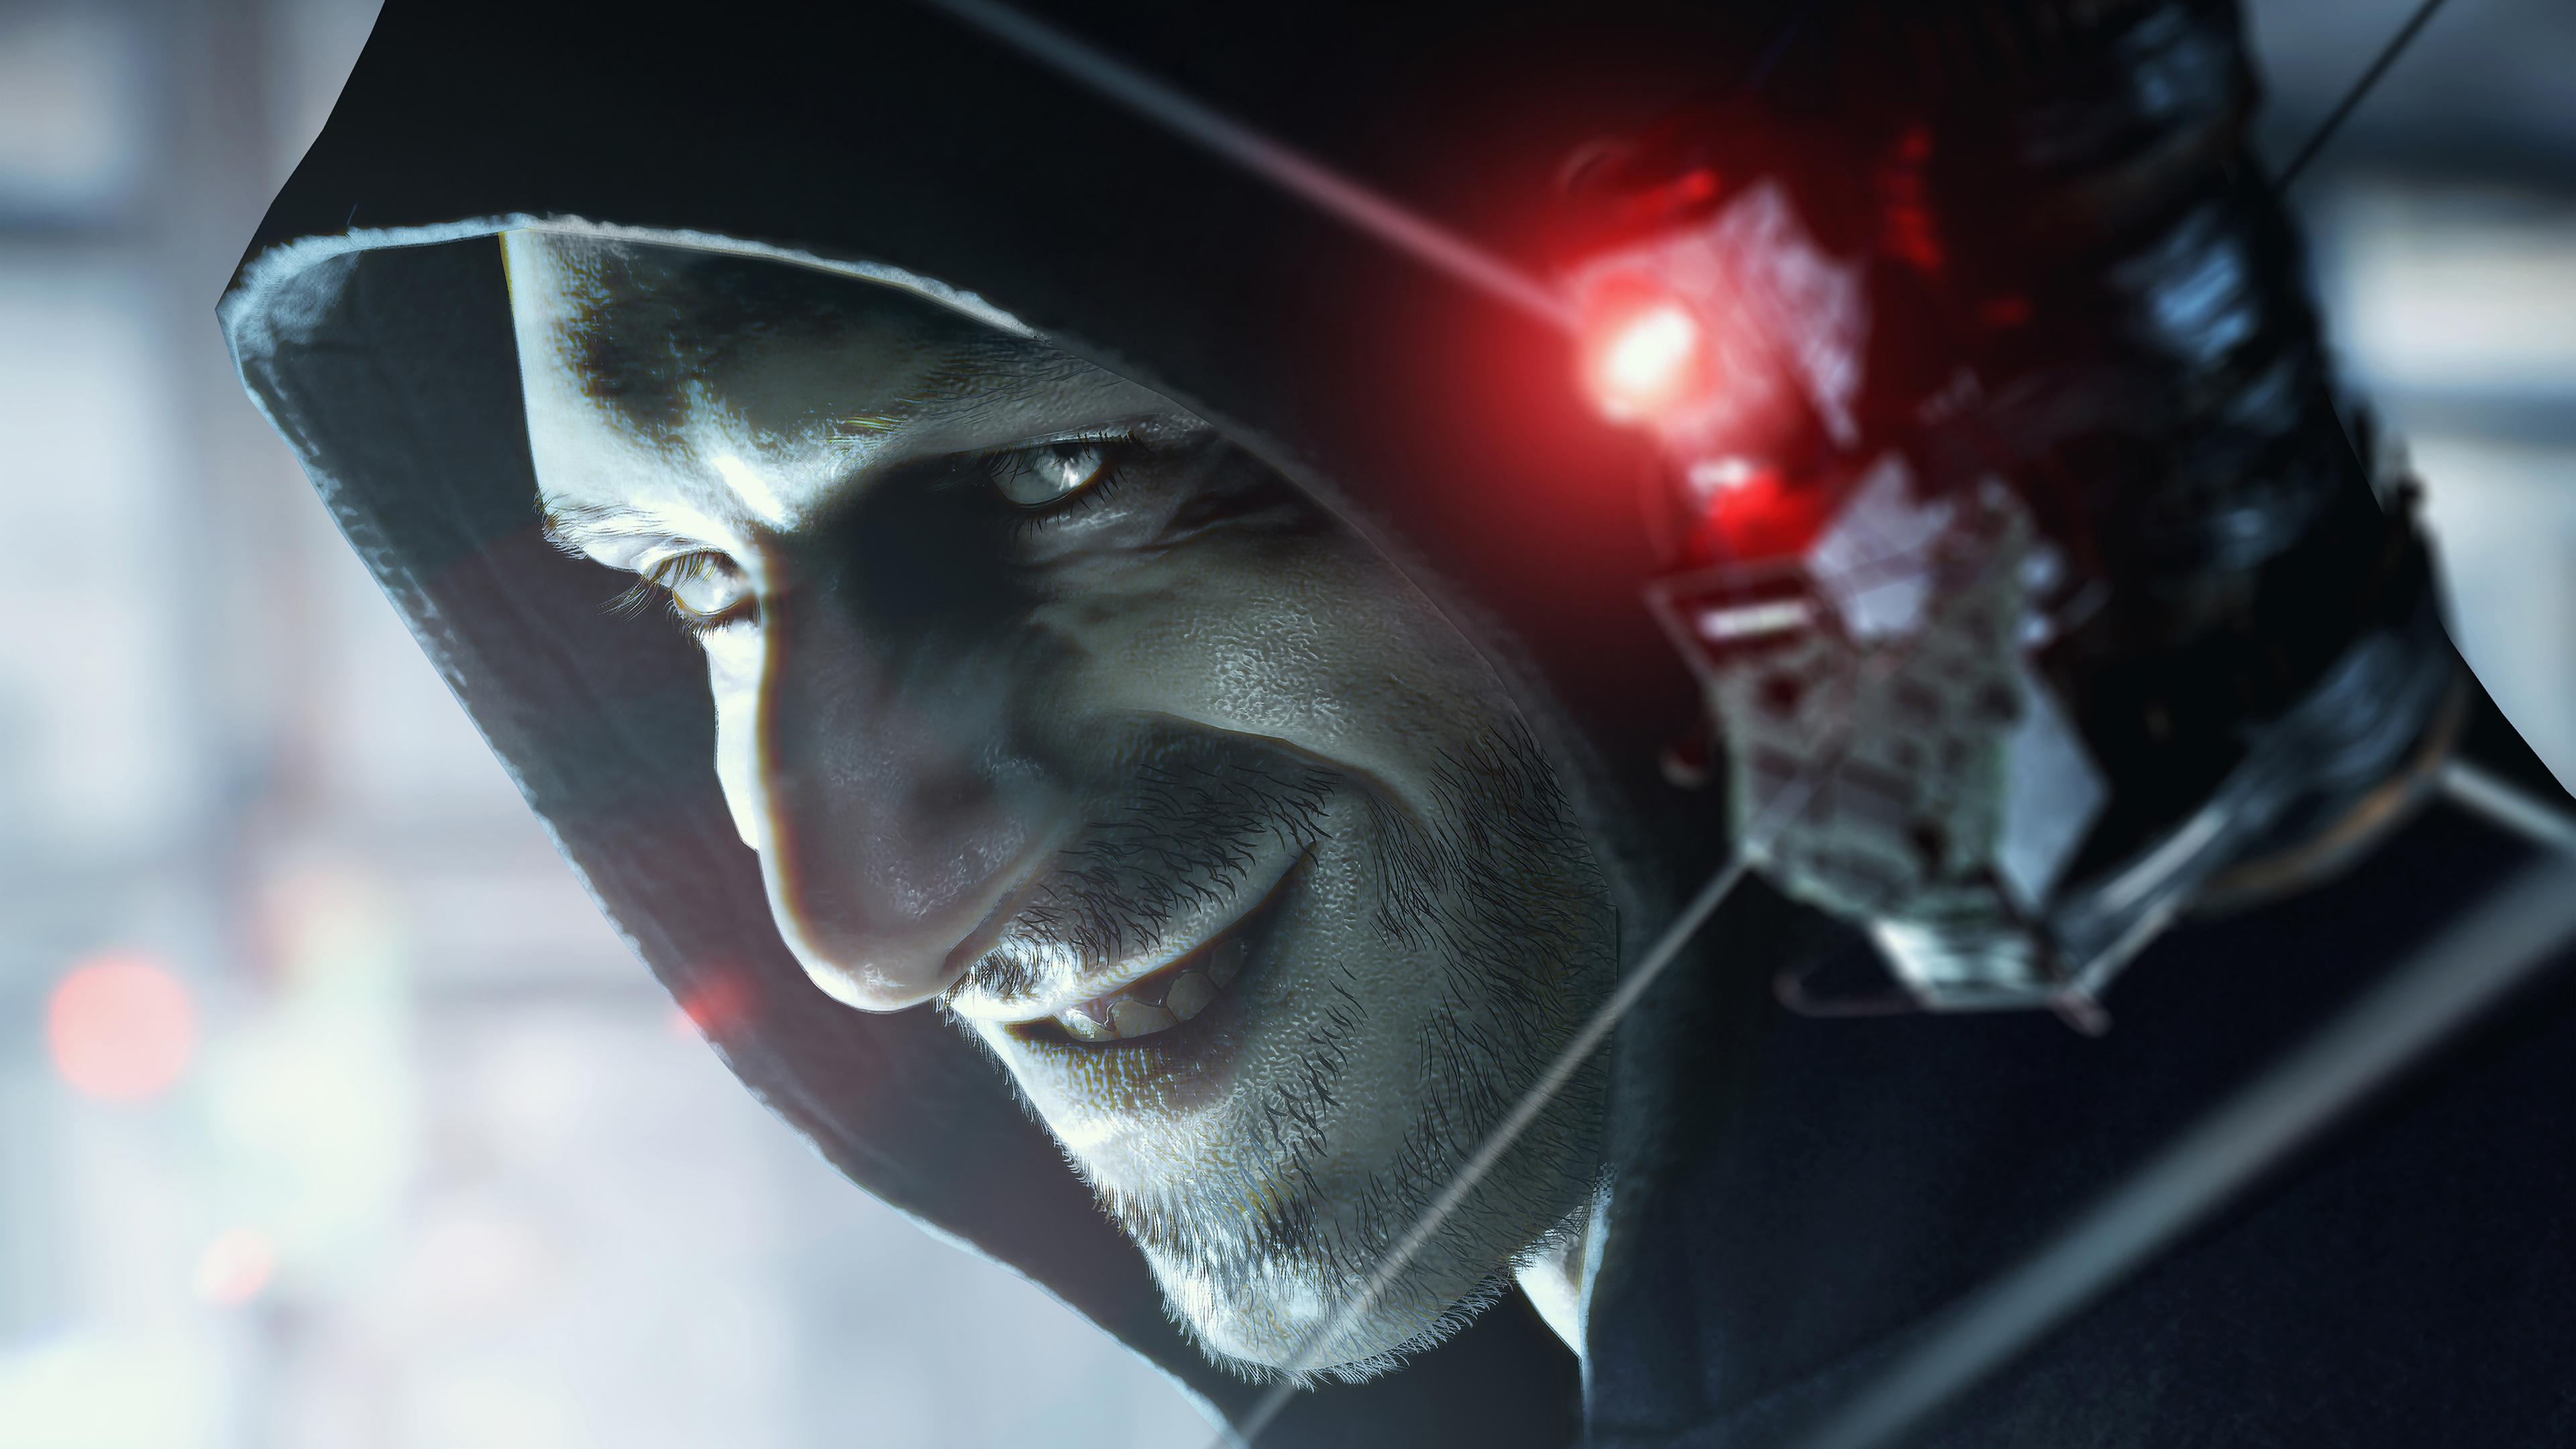 3840x2400 Lucas Baker Resident Evil 7 Biohazard 4k 3840x2400